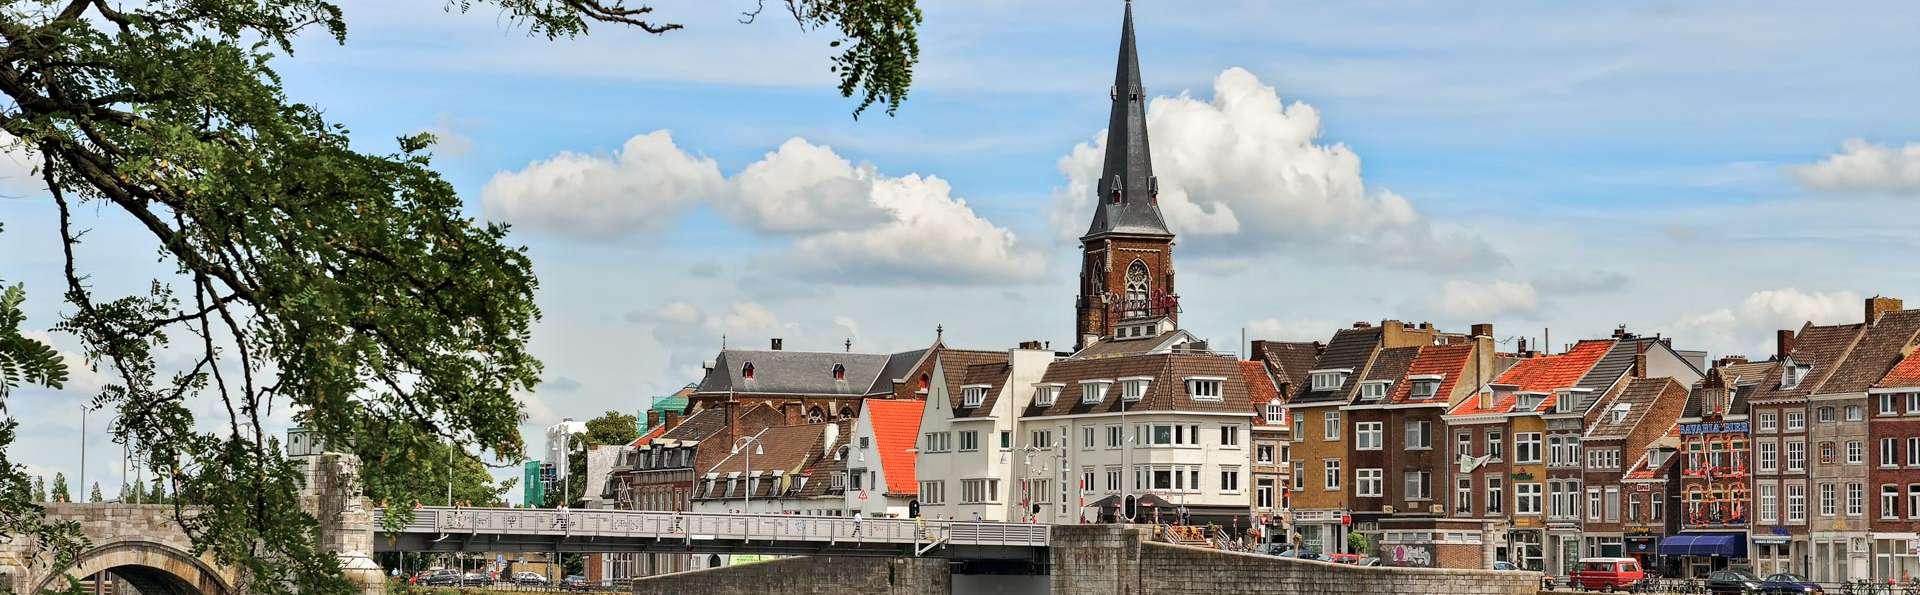 Portez un toast avec votre moitiée au cœur de Maastricht